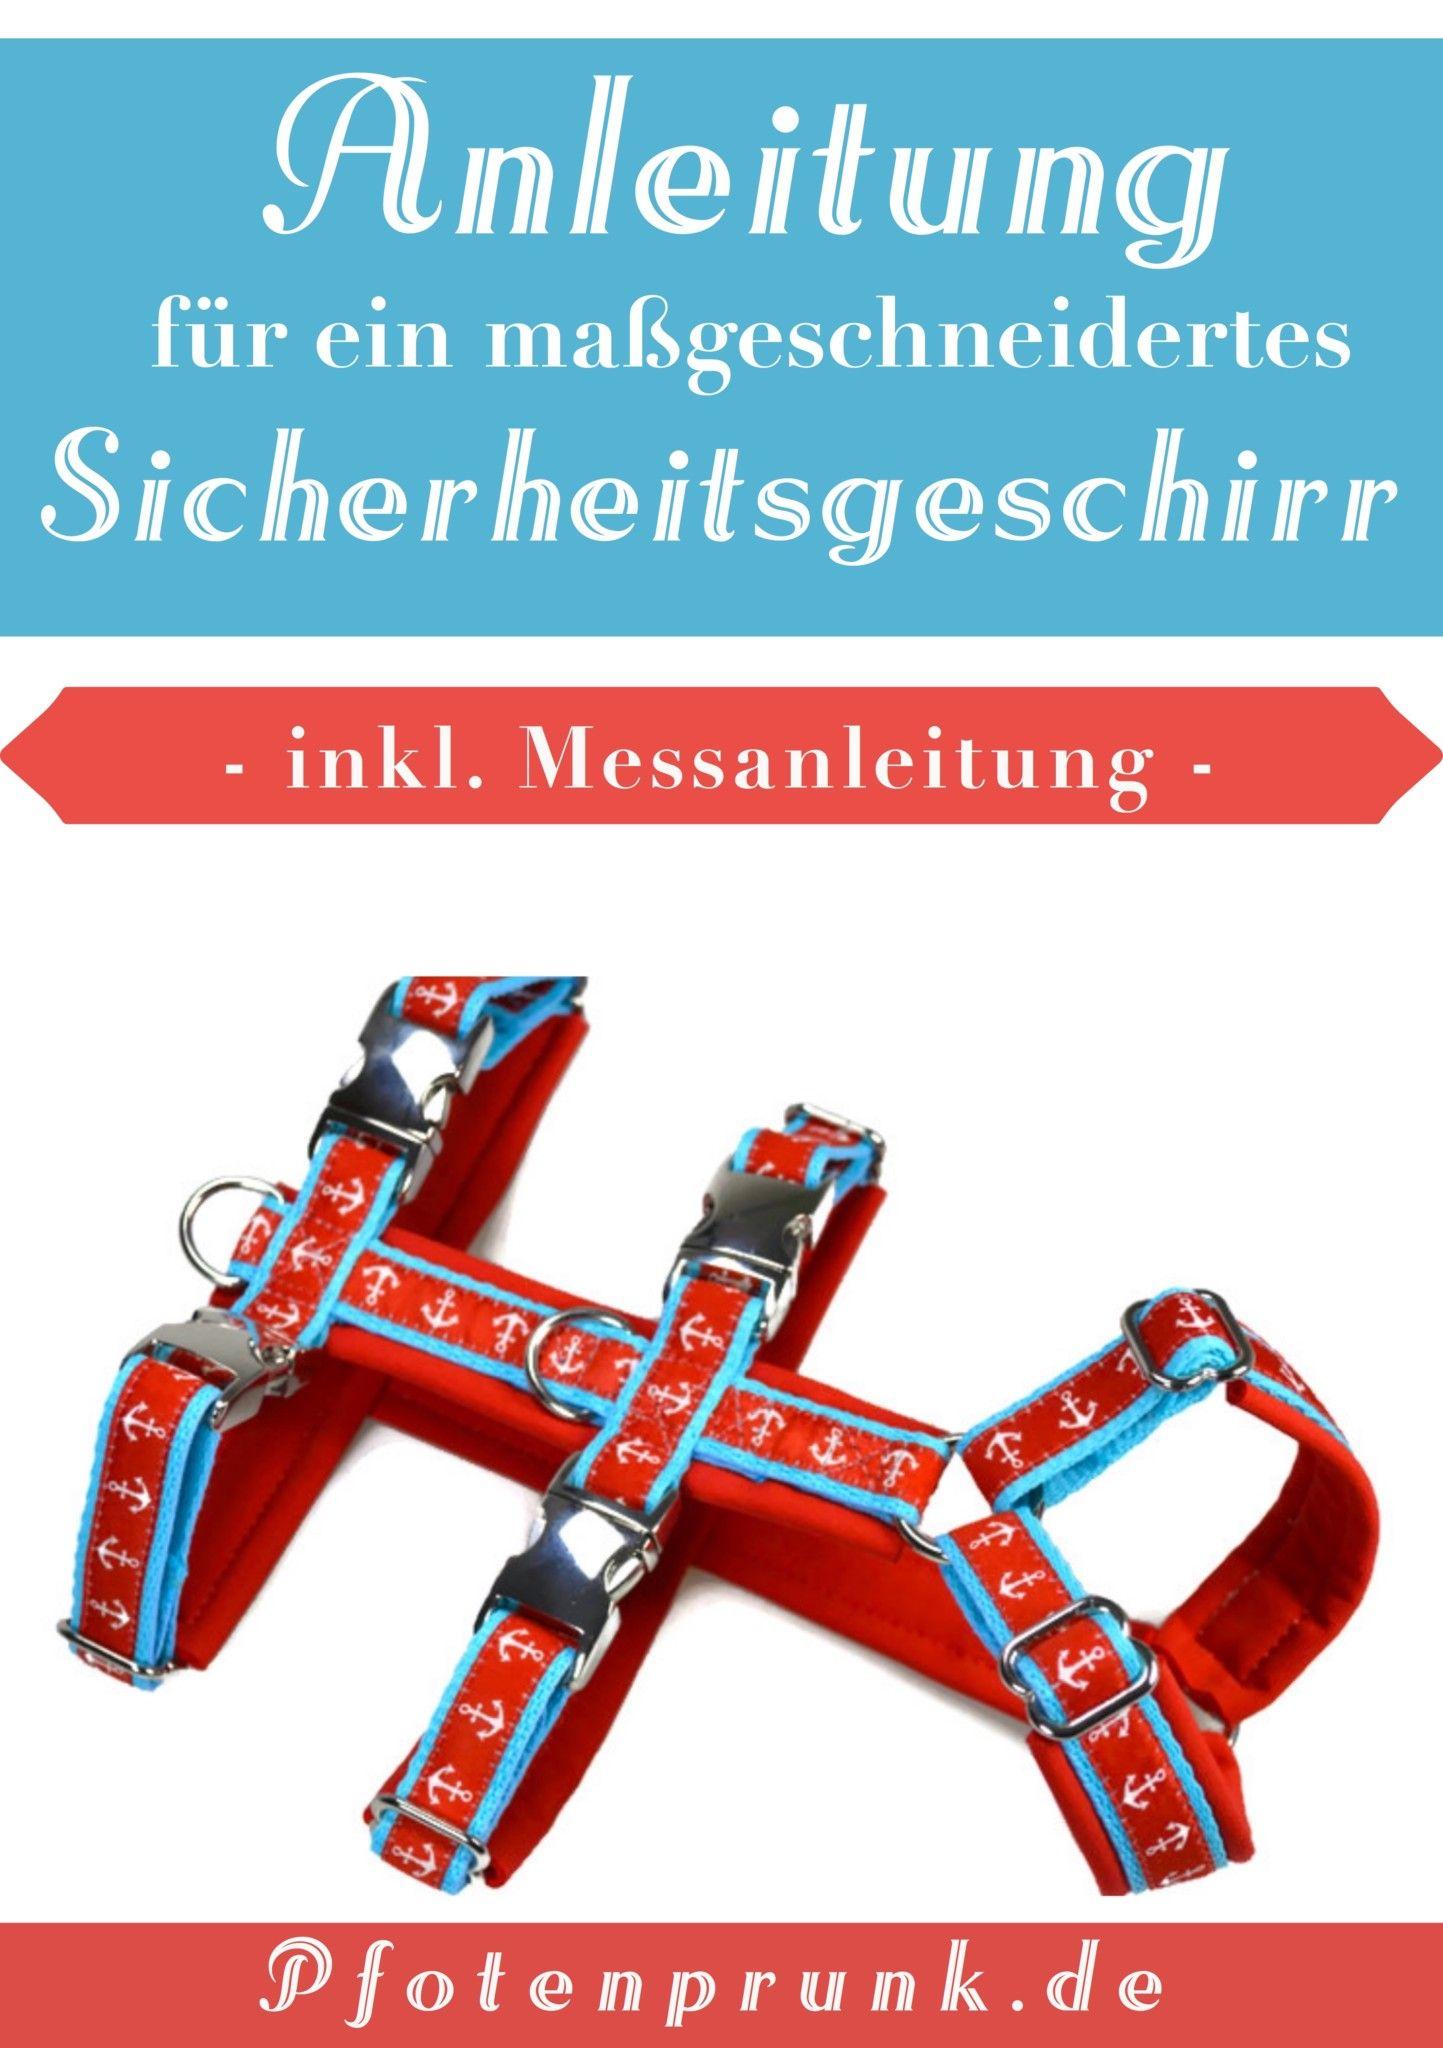 Sicherheitsgeschirr Selbernähen | Maßgeschneidert, Diy anleitungen ...